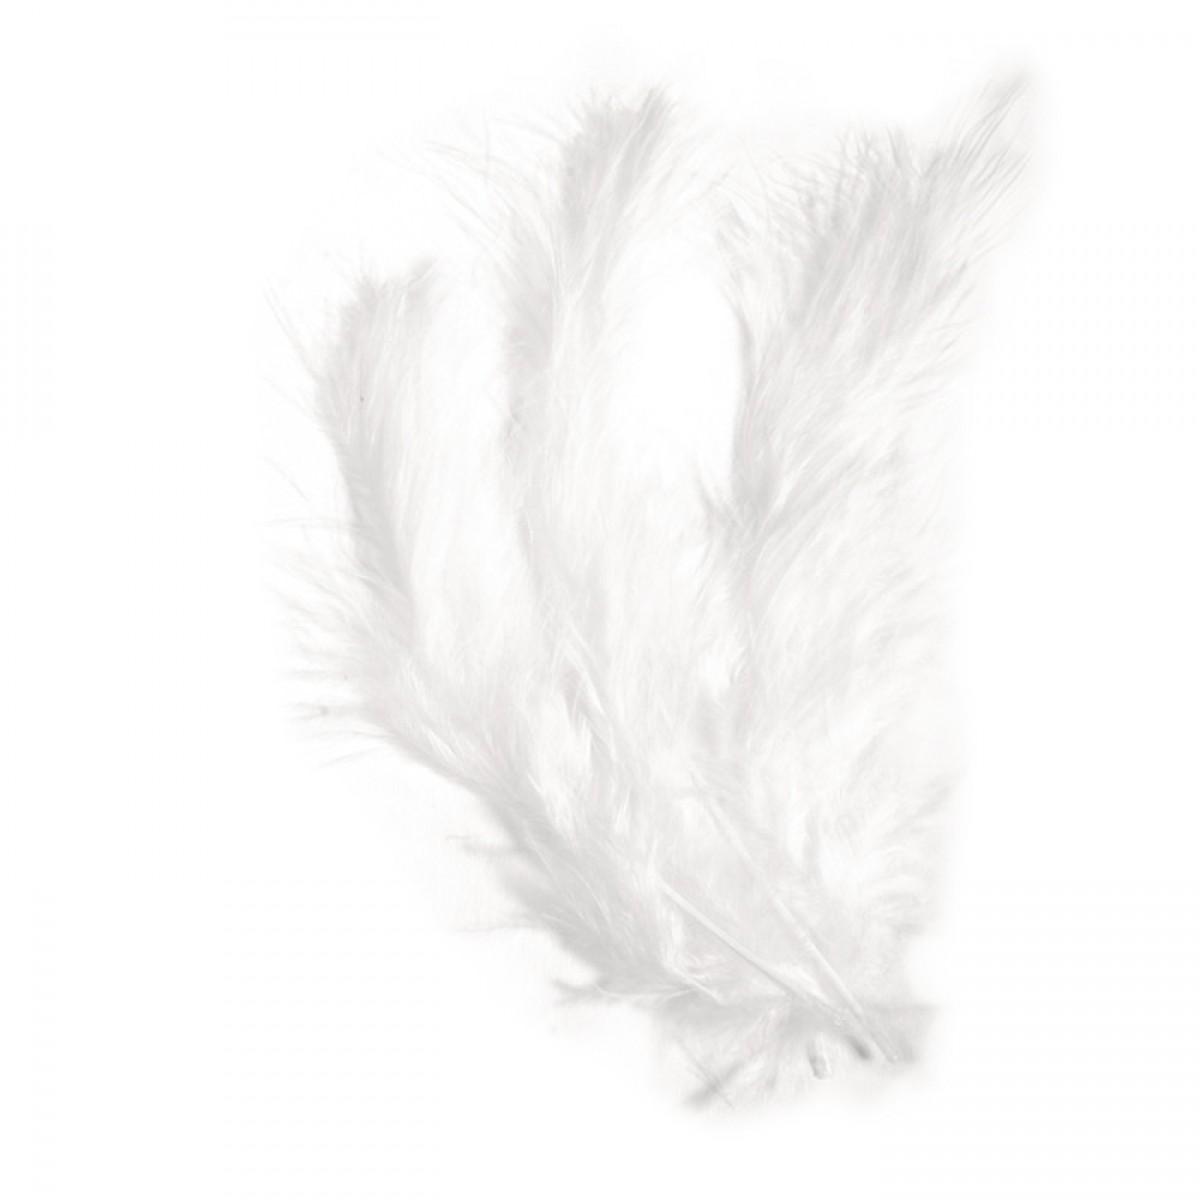 Πούπουλα Marabu Μονόχρωμα (15 Τεμ.) Υλικά Χειροτεχνίας